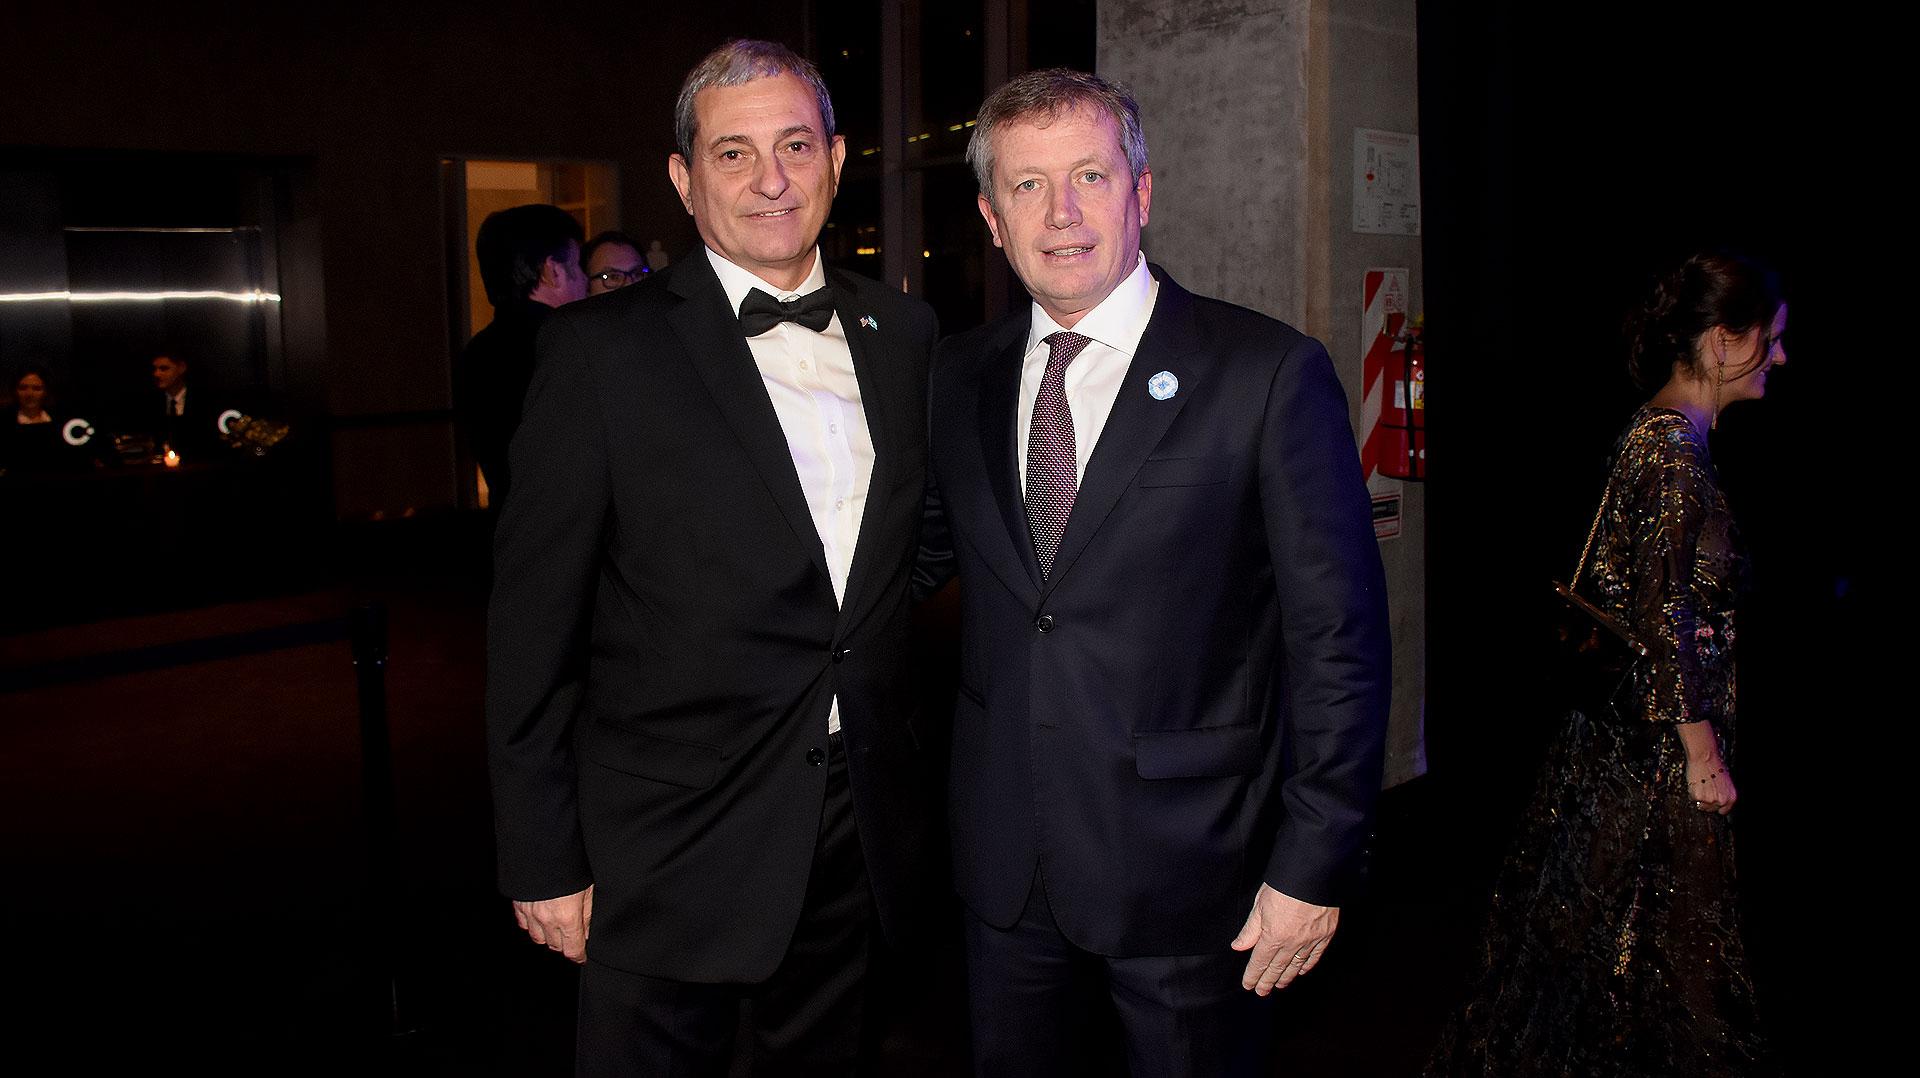 El CEO de AmCham, Alejandro Díaz, junto a Emilio Monzó